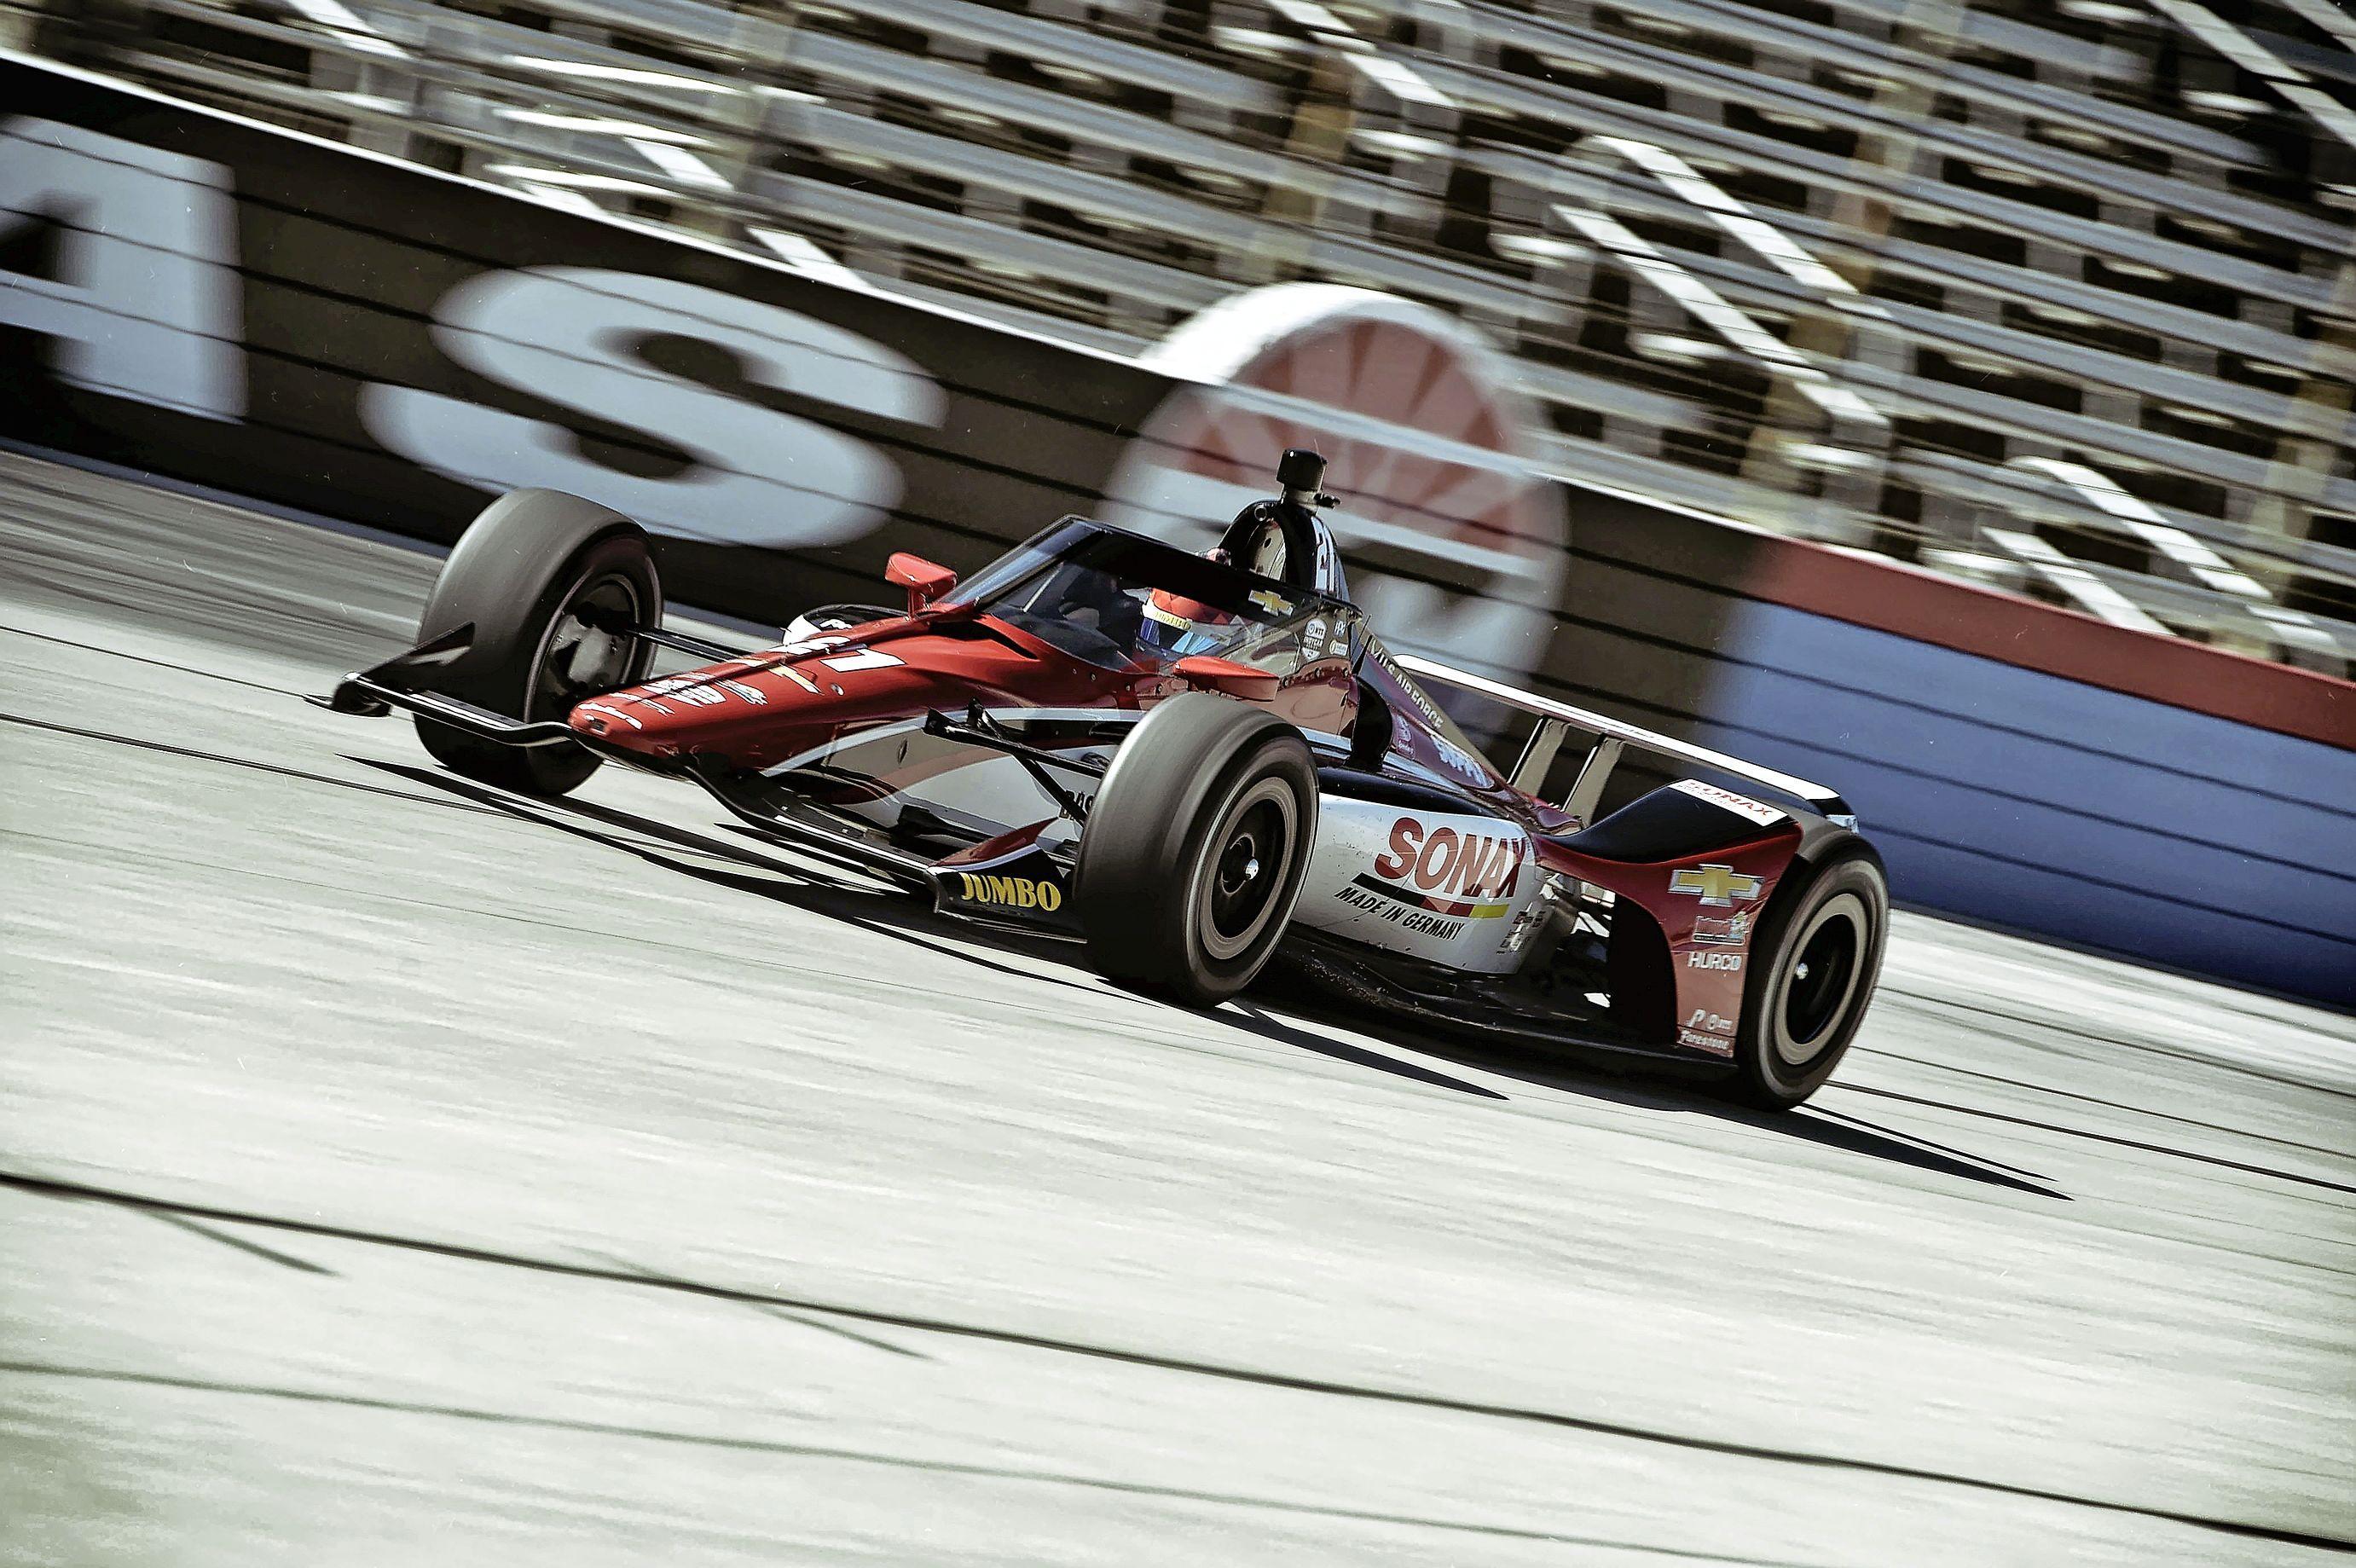 Journalisten weten het zeker: Rinus van Kalmthout gaat in 2021 een IndyCar-race winnen. Wat hijzelf denkt? 'Absoluut mijn doel'